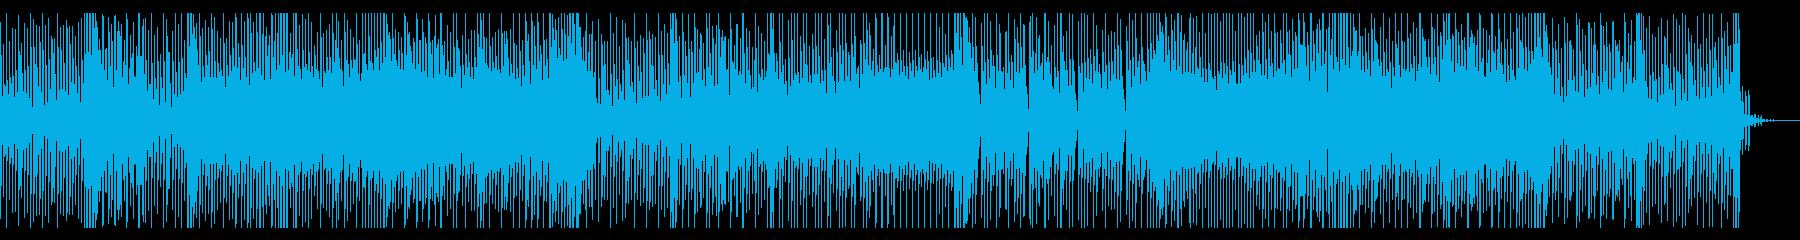 ほのぼのとして暖かい気持ちにさせる曲の再生済みの波形